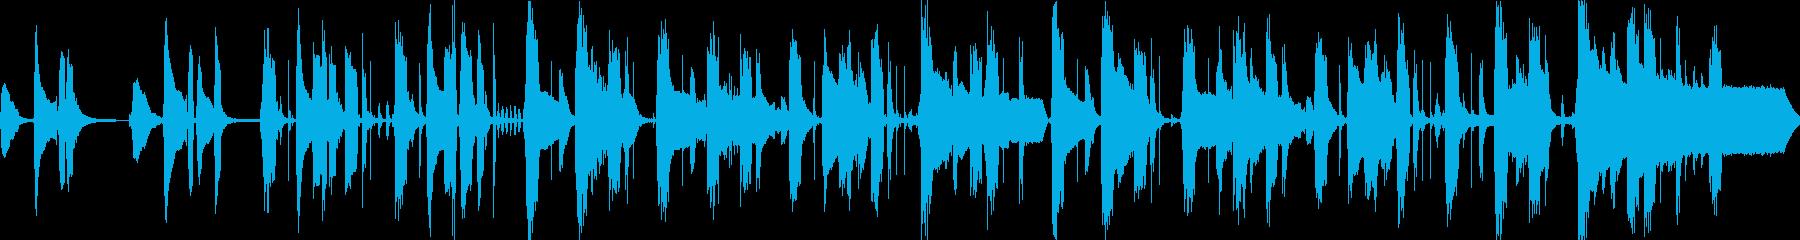 コメディファンク。チューバ、バリト...の再生済みの波形